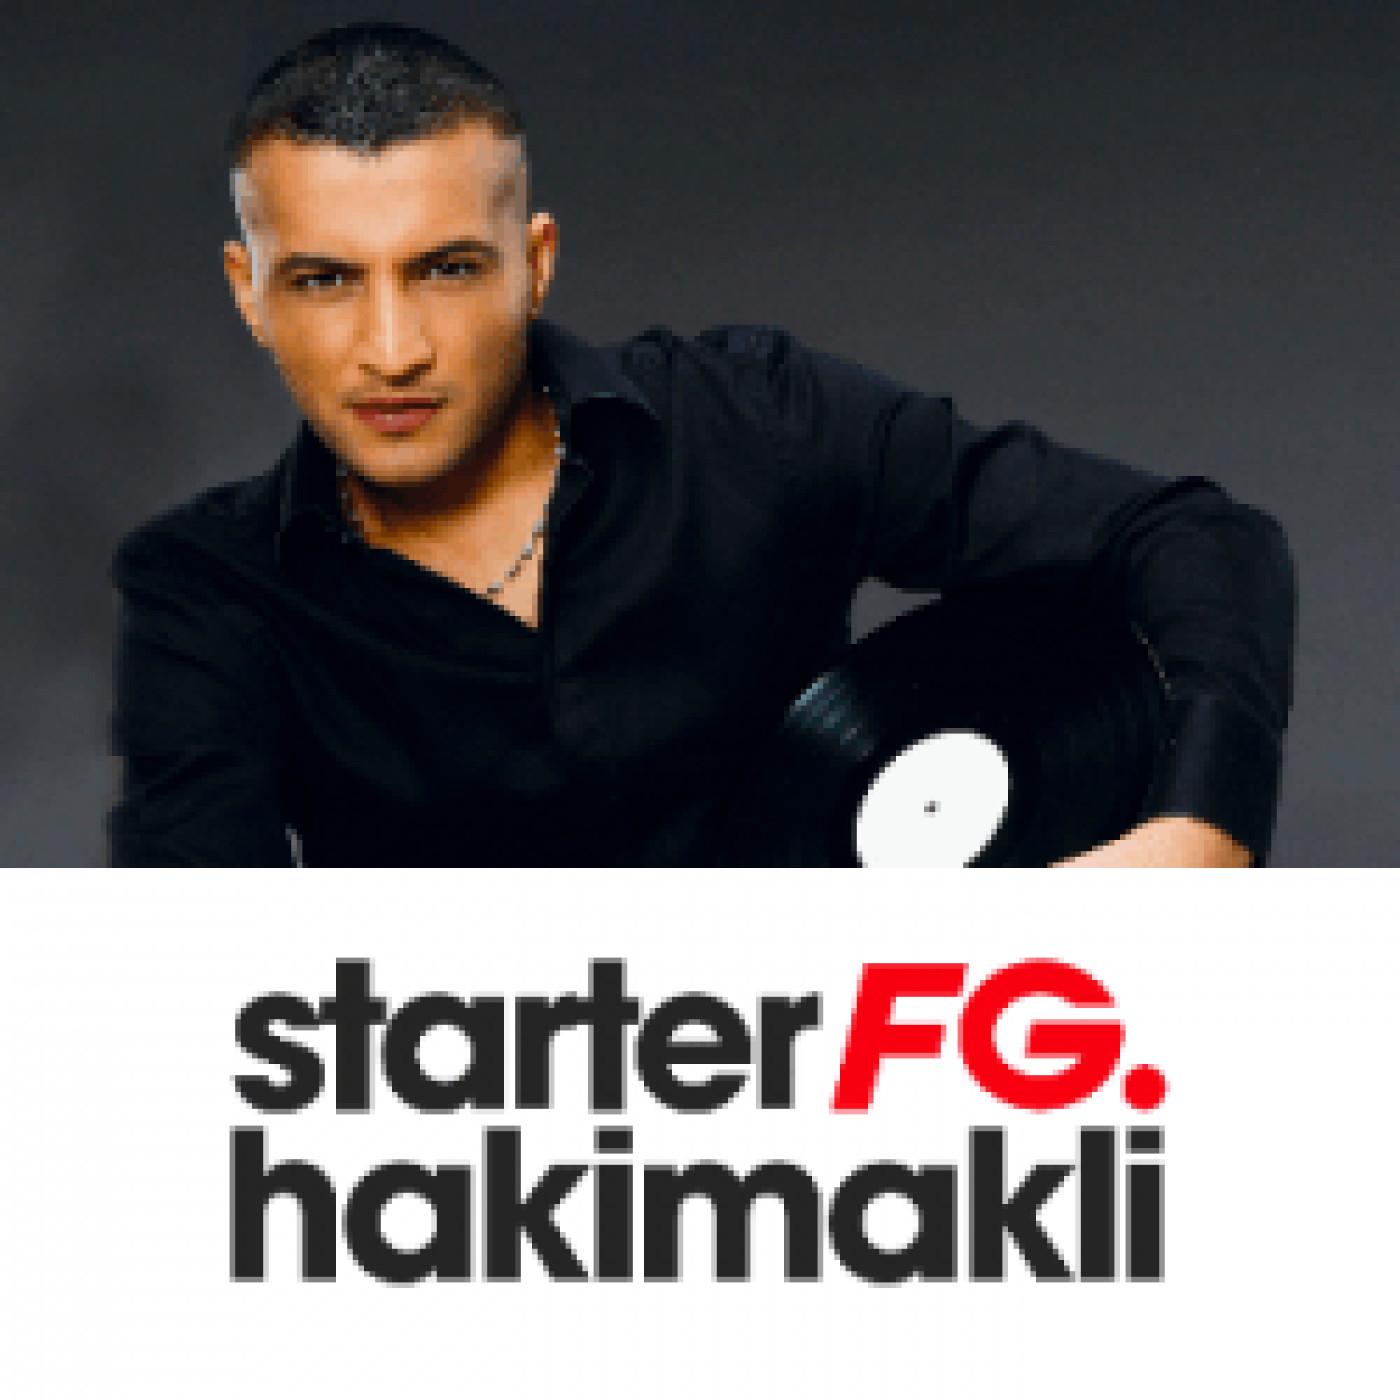 STARTER FG BY HAKIMAKLI LUNDI 7 SEPTEMBRE 2020